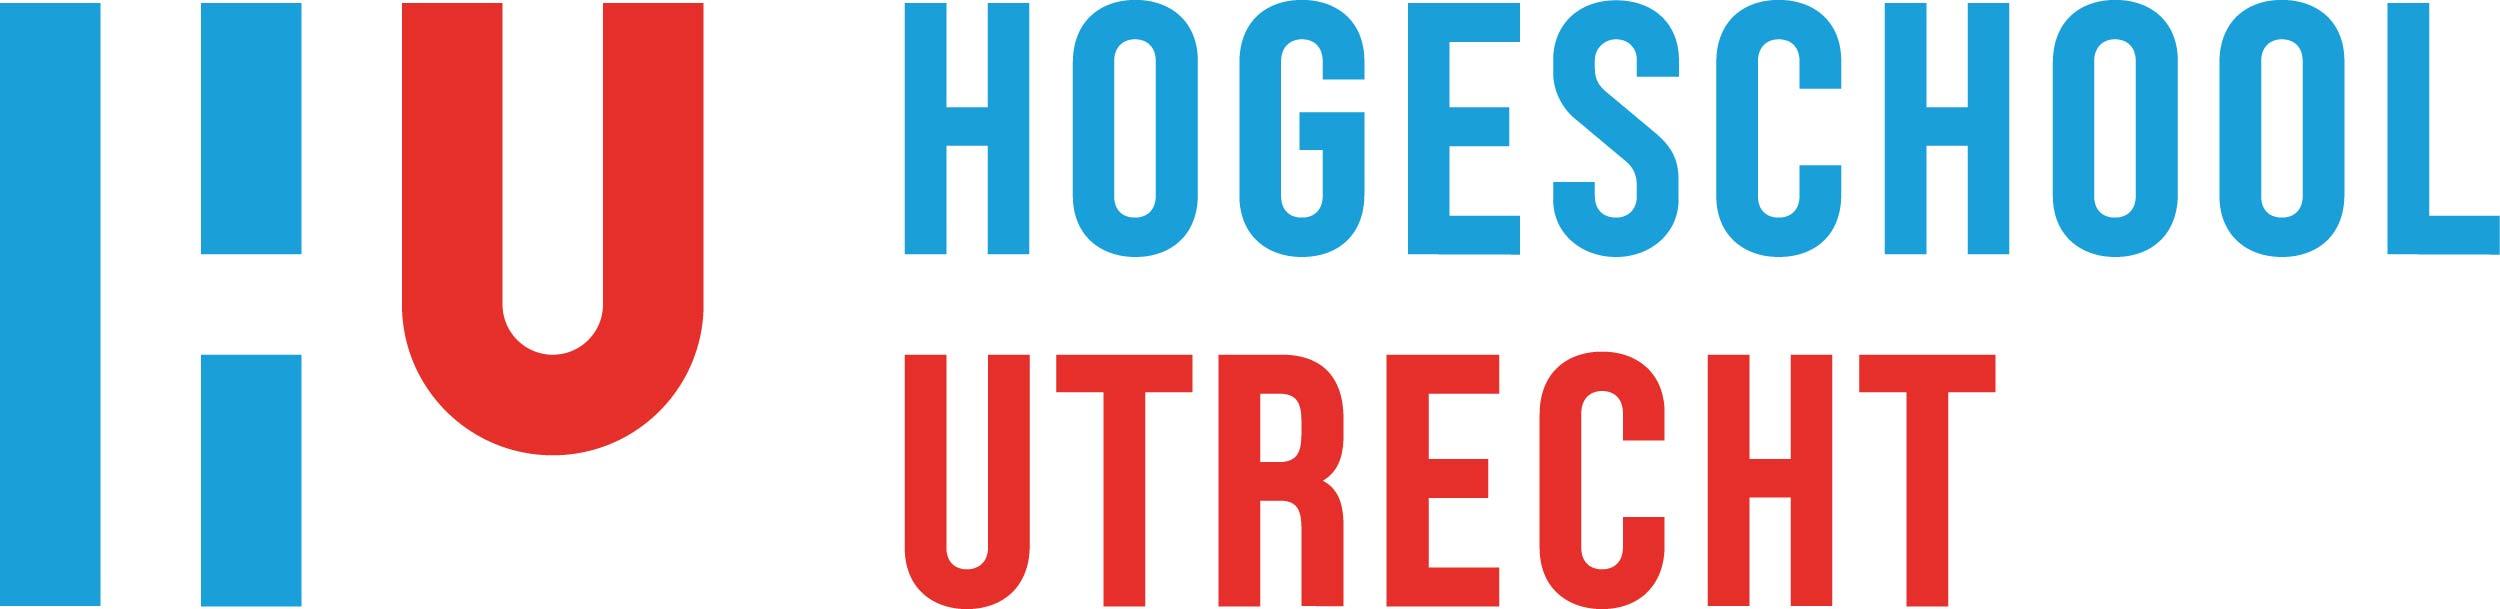 hogeschool-utrecht-logo